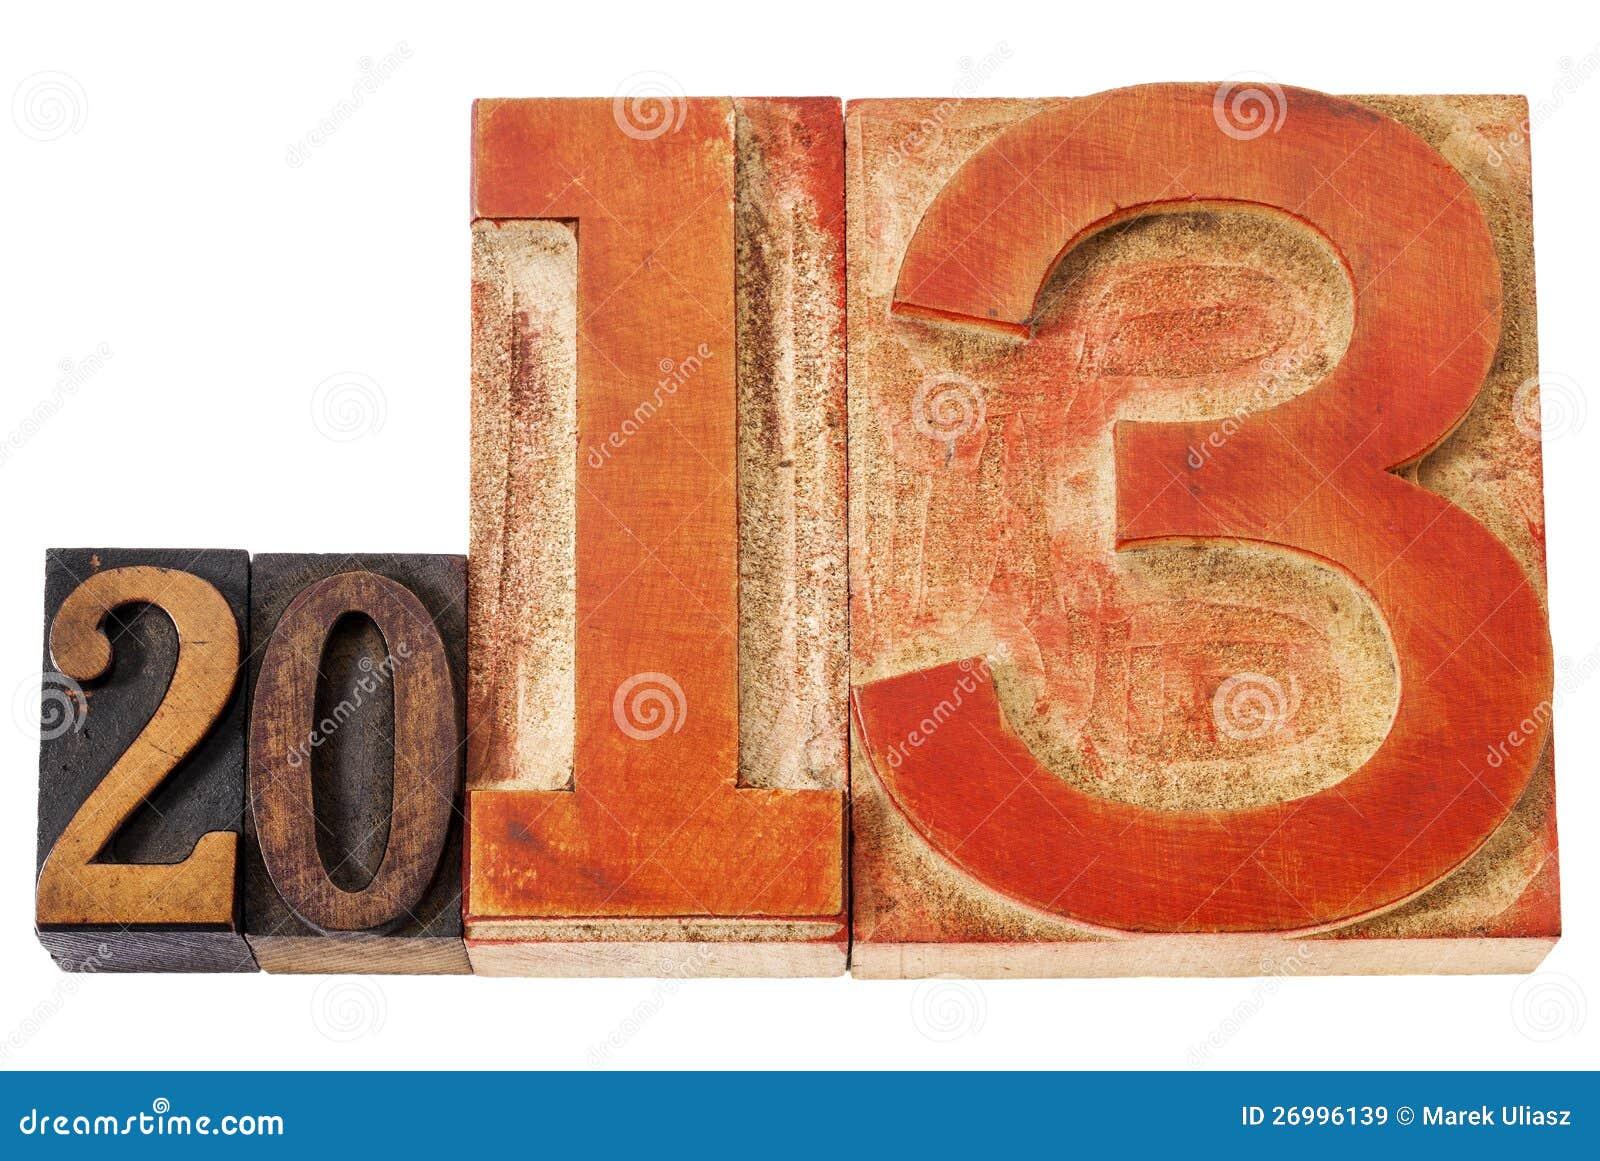 Año 2013 en el tipo de madera